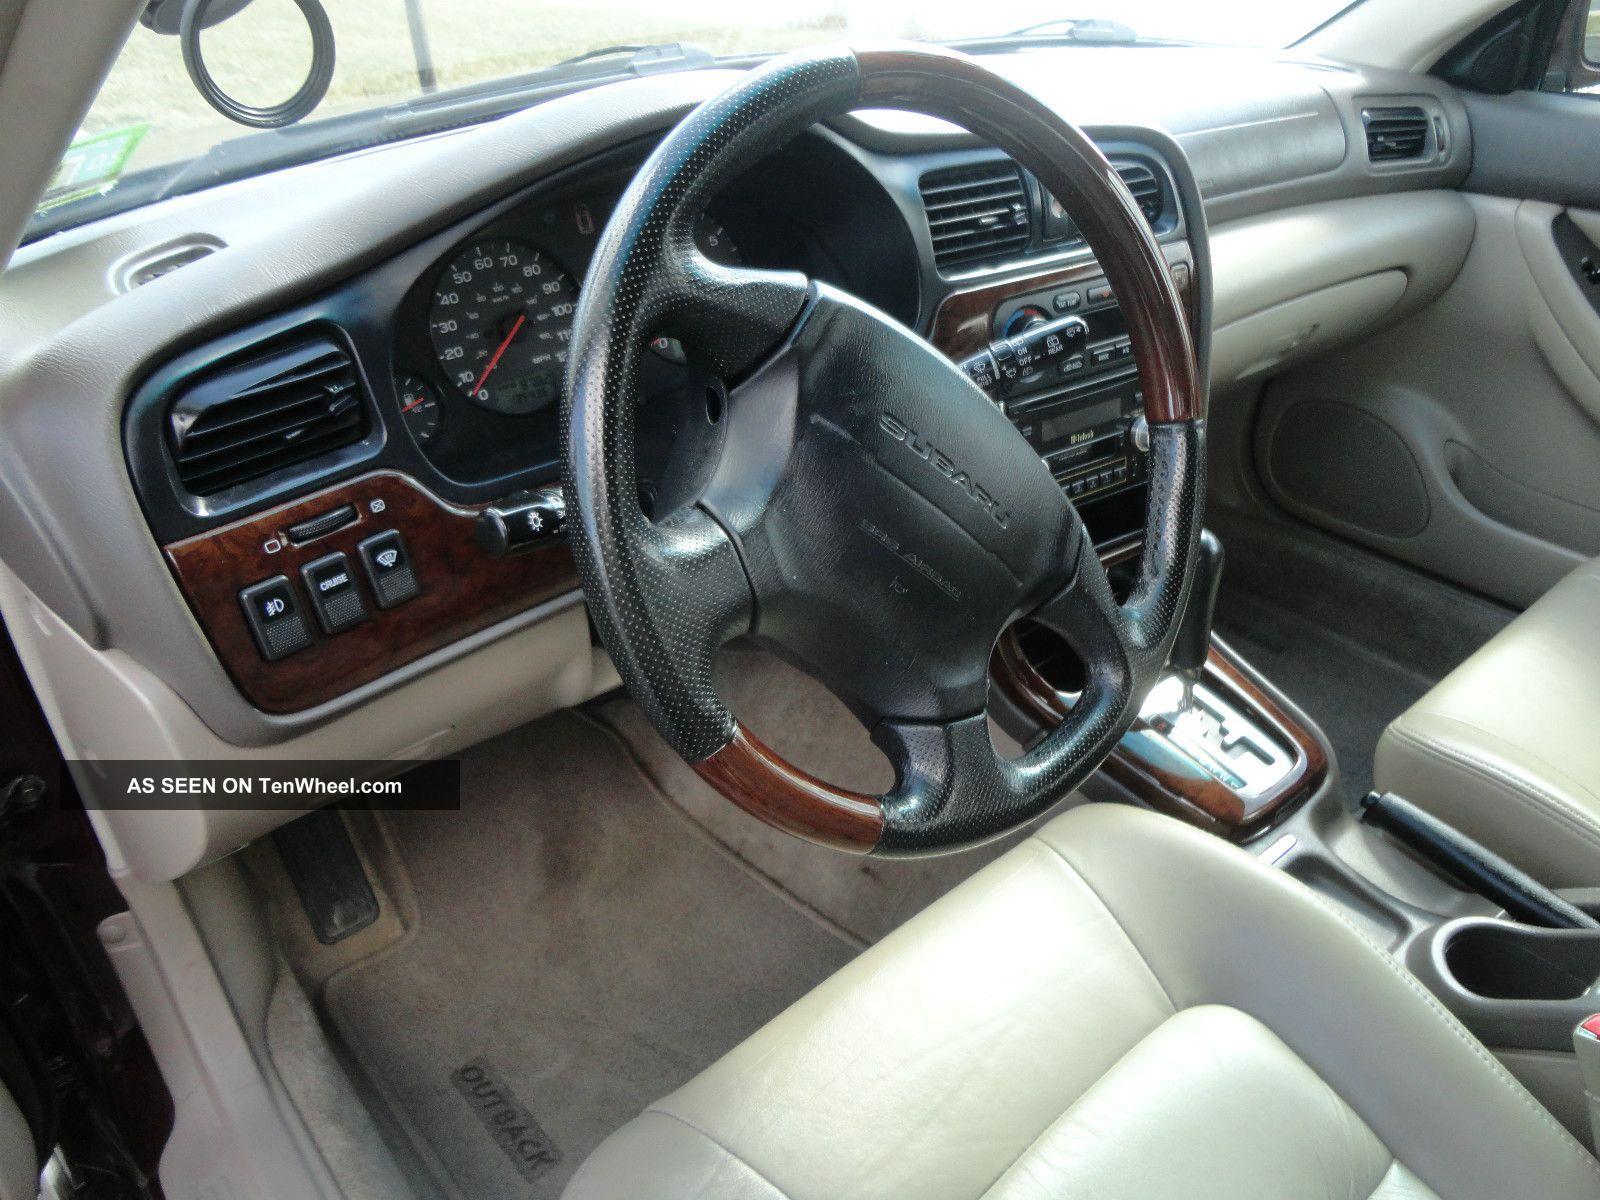 2001 Subaru Outback H6 3 0 Interior